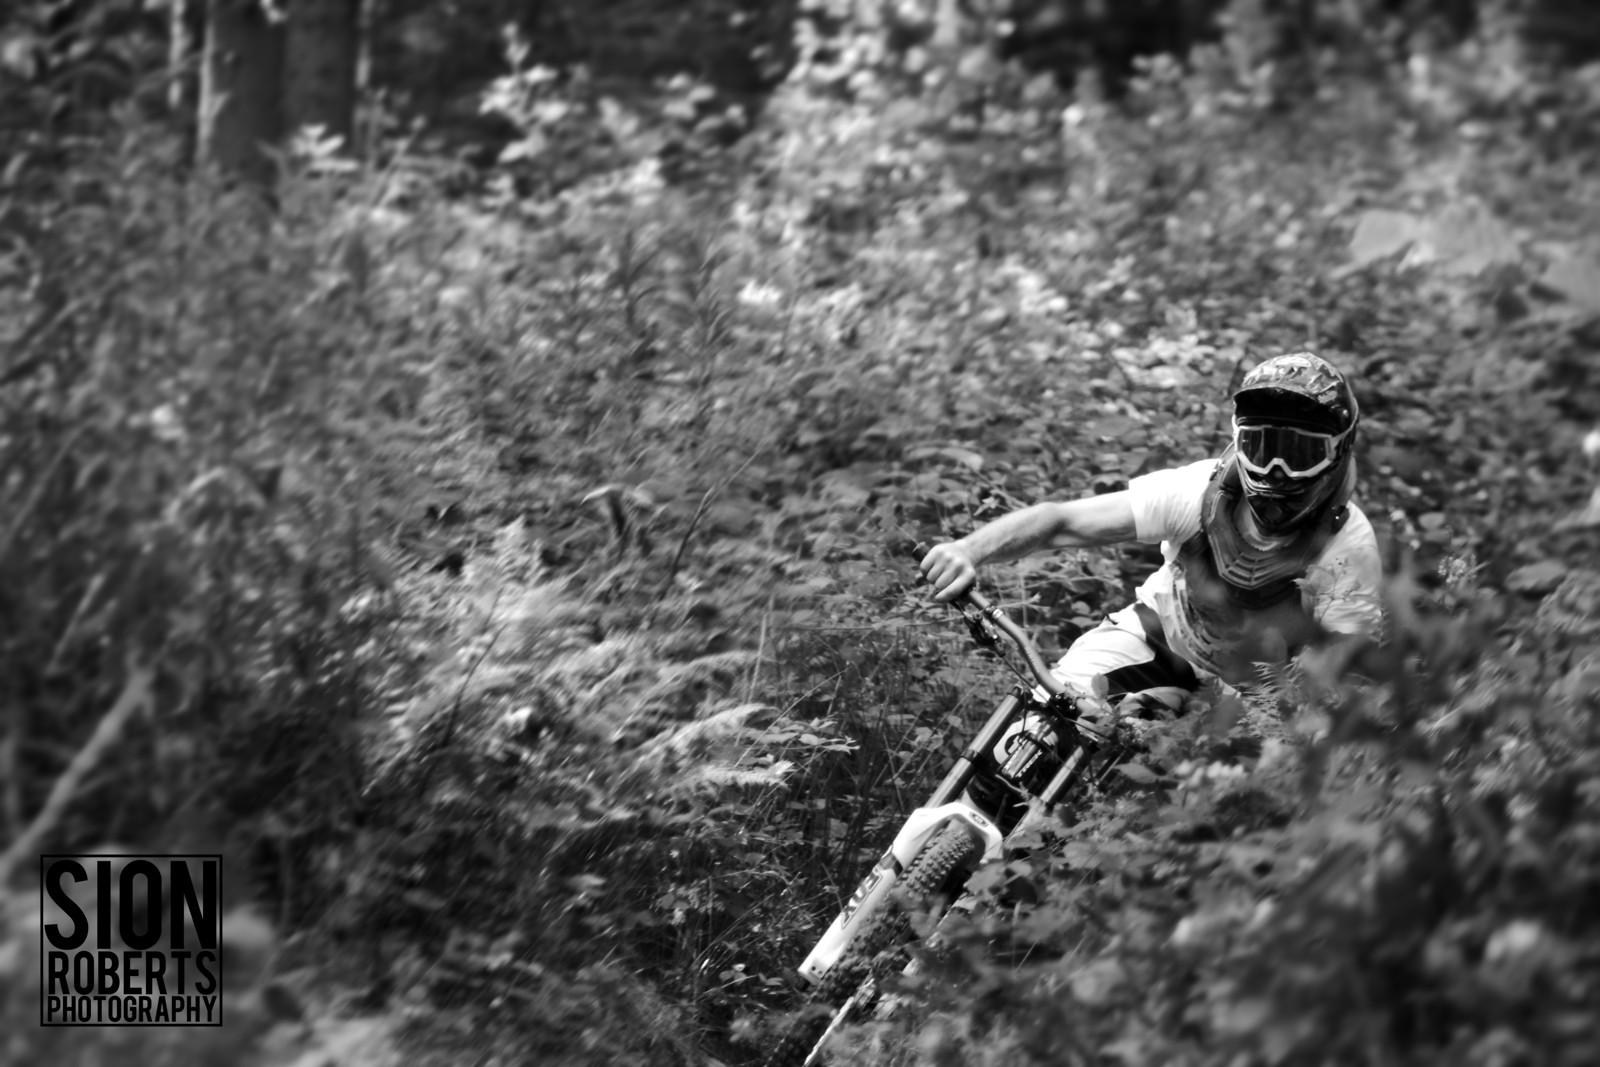 A Berm Through Bracken B&W - sionr644 - Mountain Biking Pictures - Vital MTB